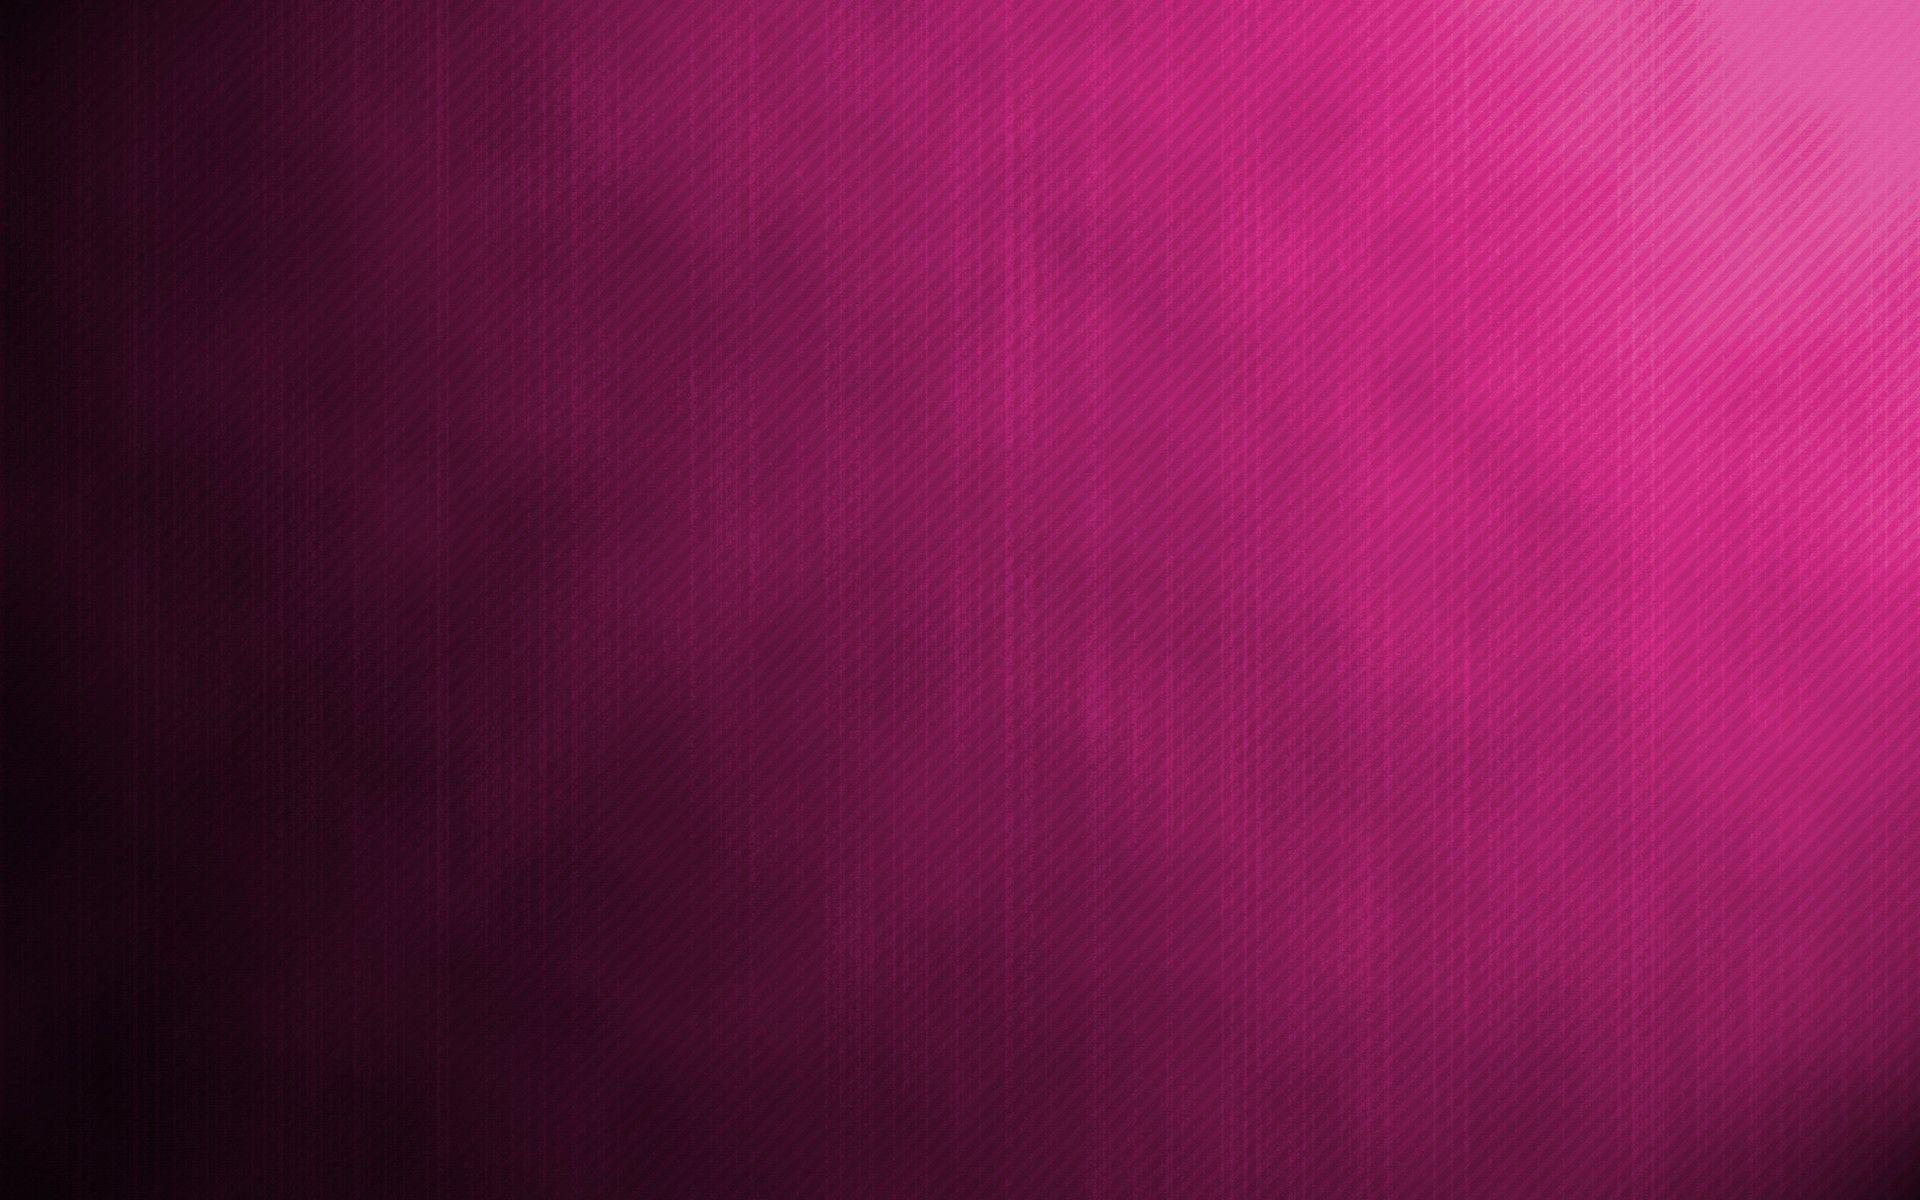 Pink Gradient Texture Wallpaper Hd In 2020 Pink Wallpaper Mac Pink Wallpaper Pink Background